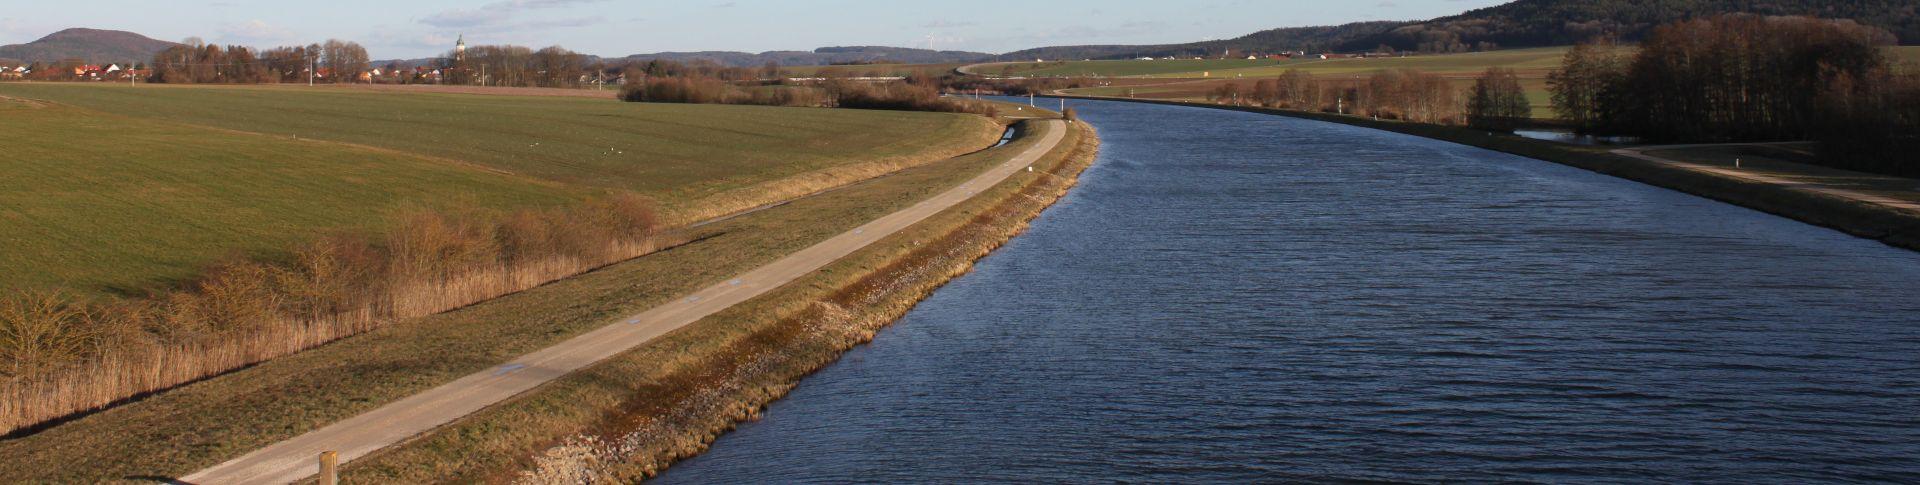 Bootfahren am Main-Donau-Kanal